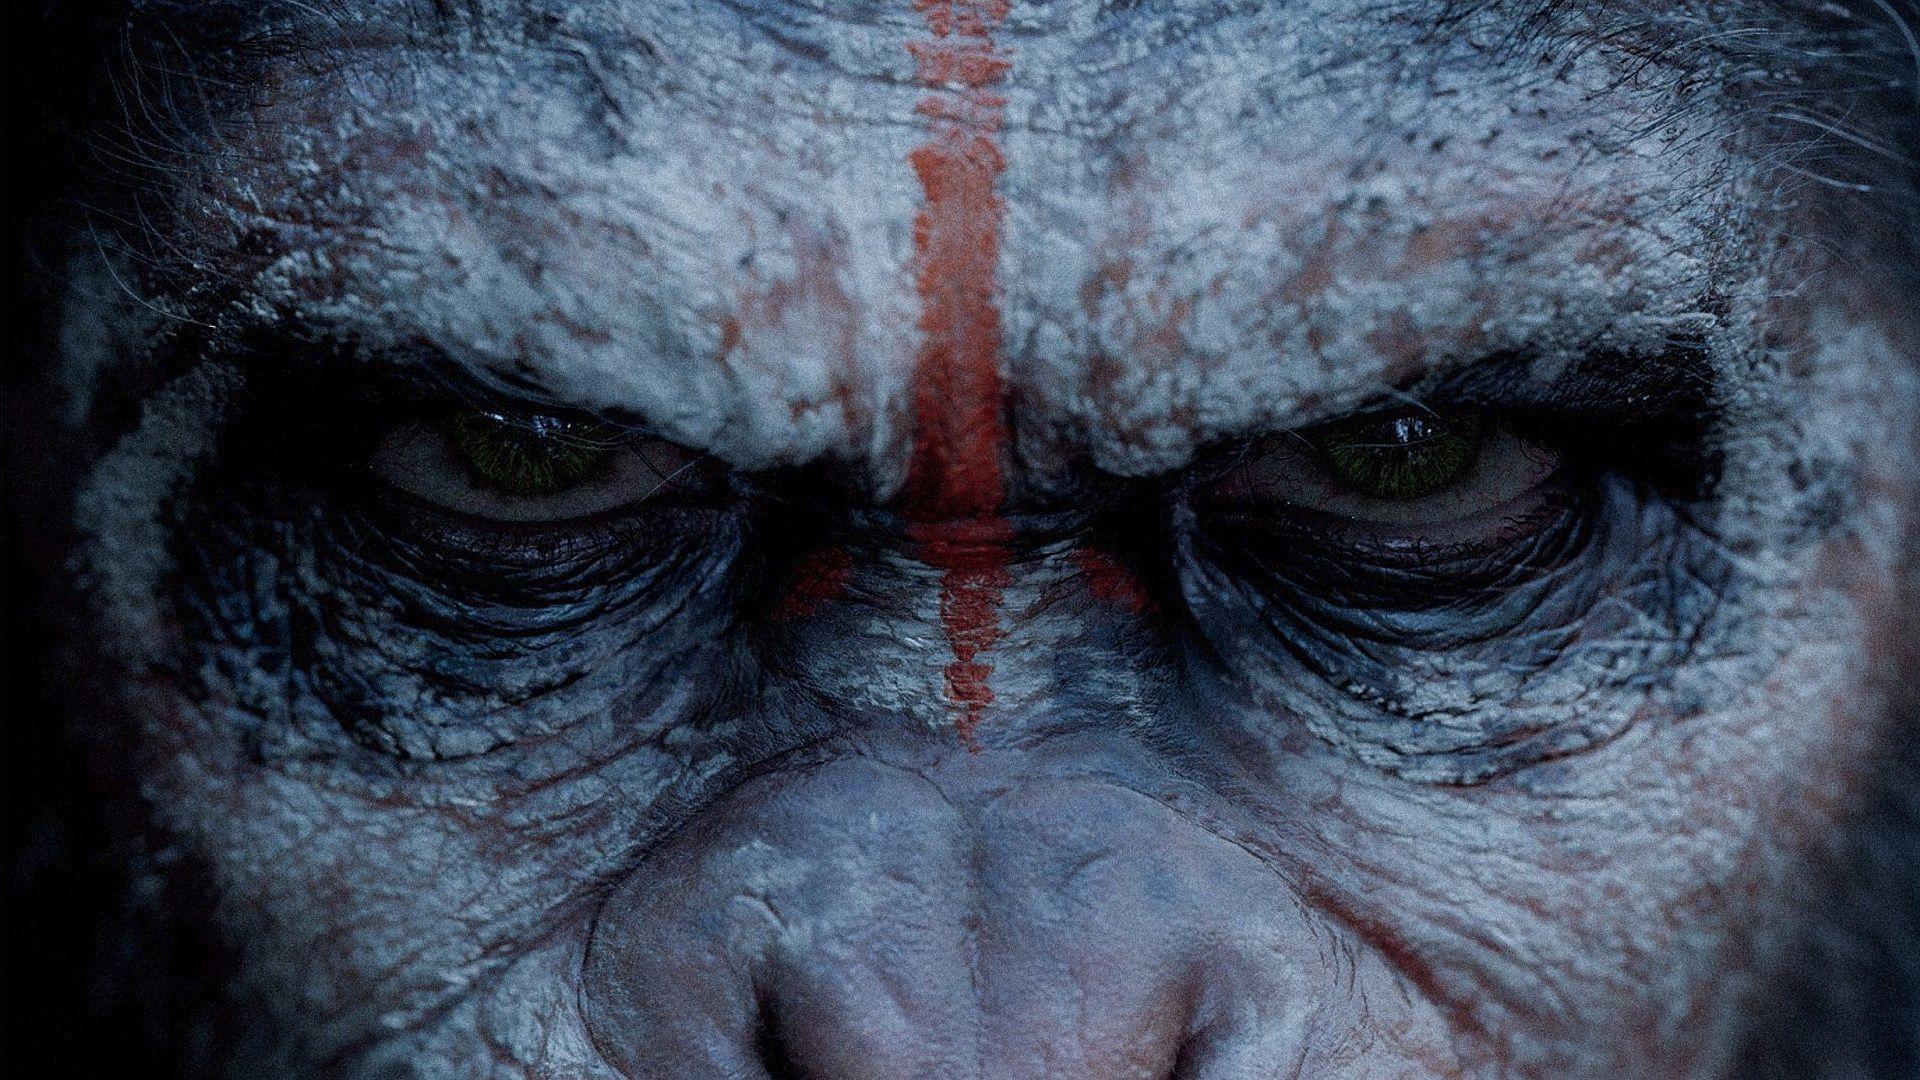 planet apes films